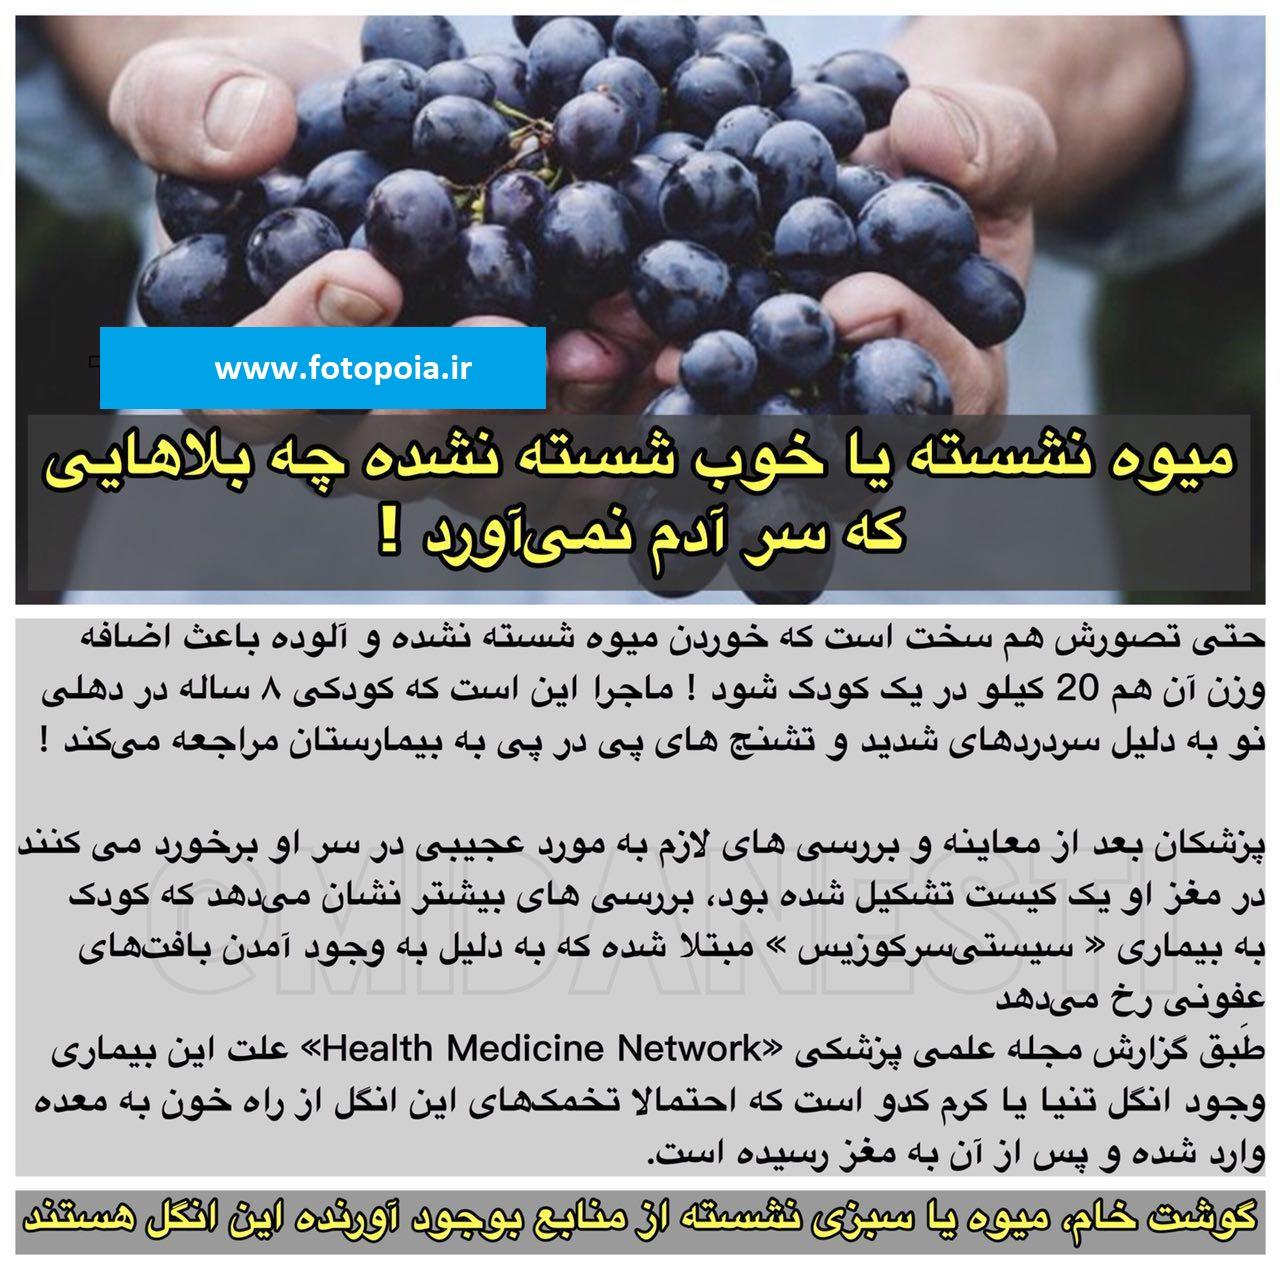 هیچ وقت نشسته میوه را نخورید